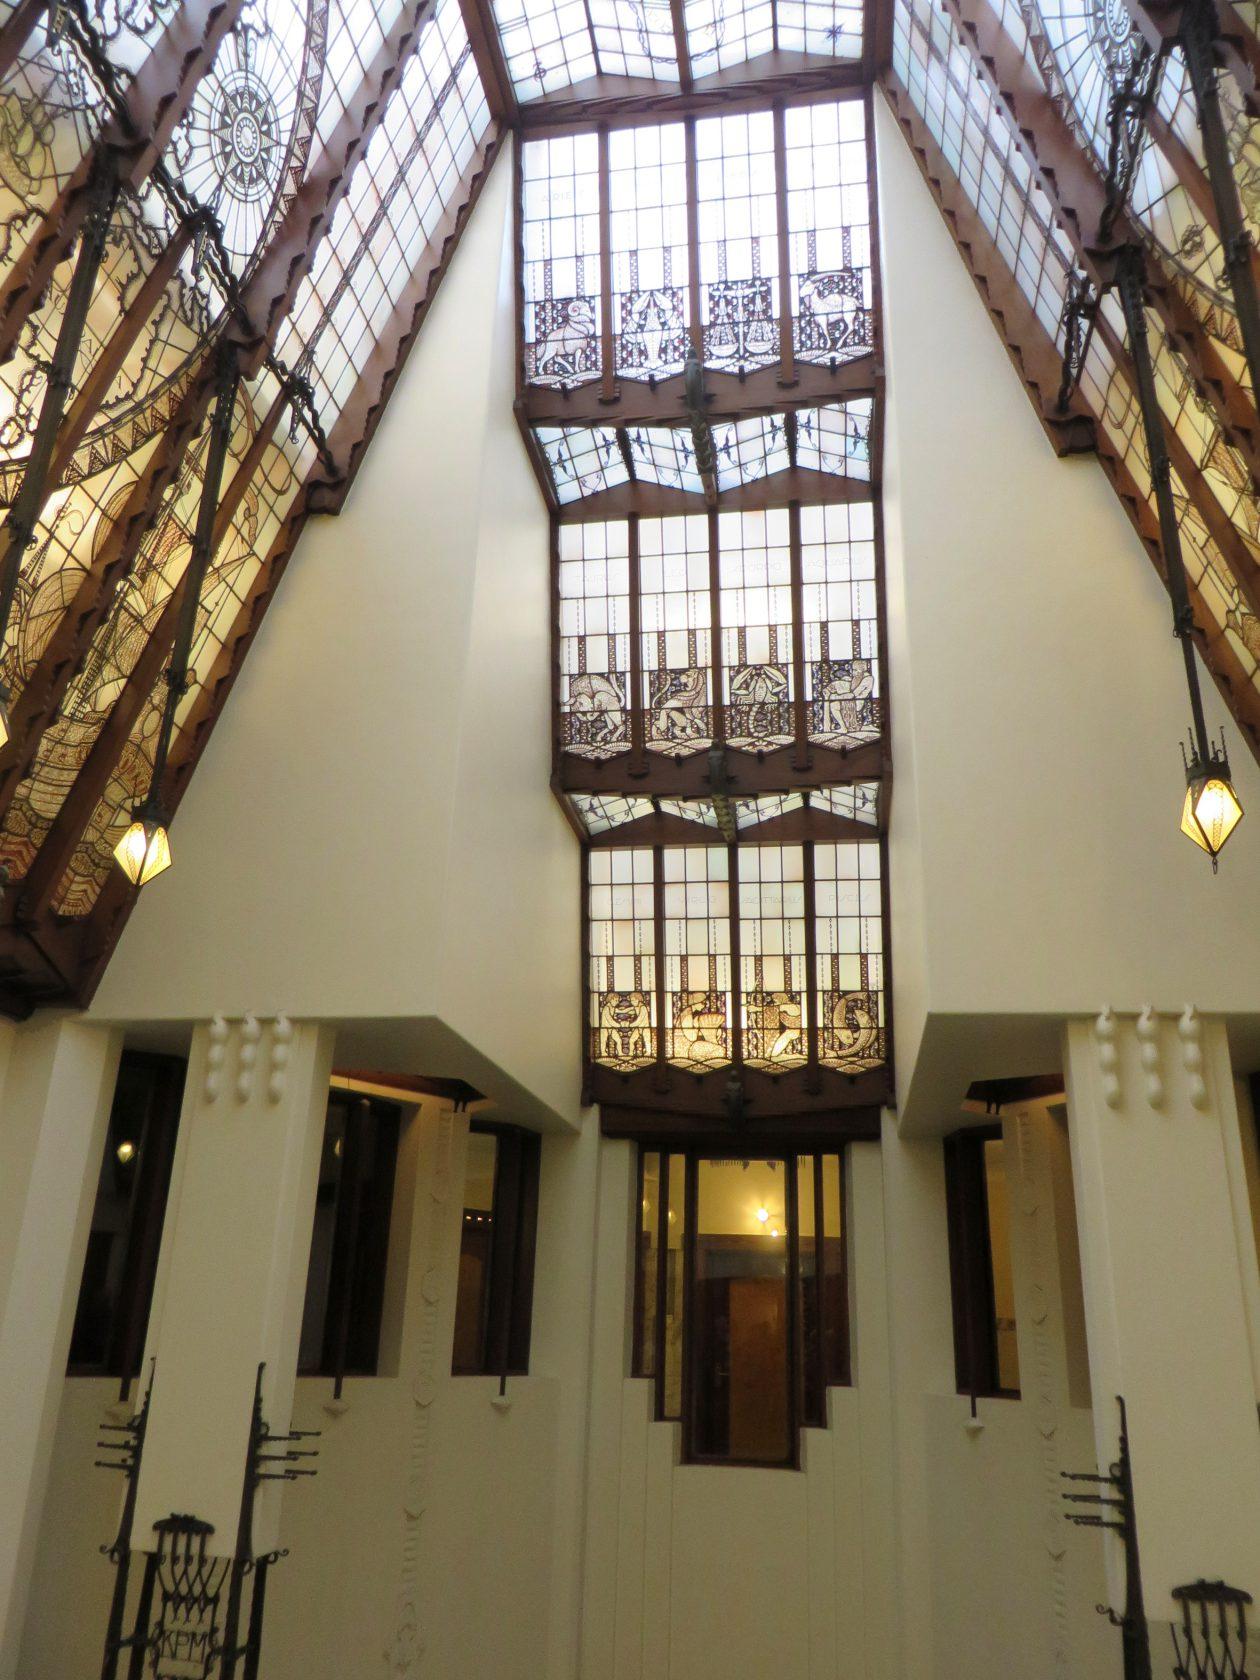 Rondleiding scheepvaarthuis - Expressionistische architectuur ...